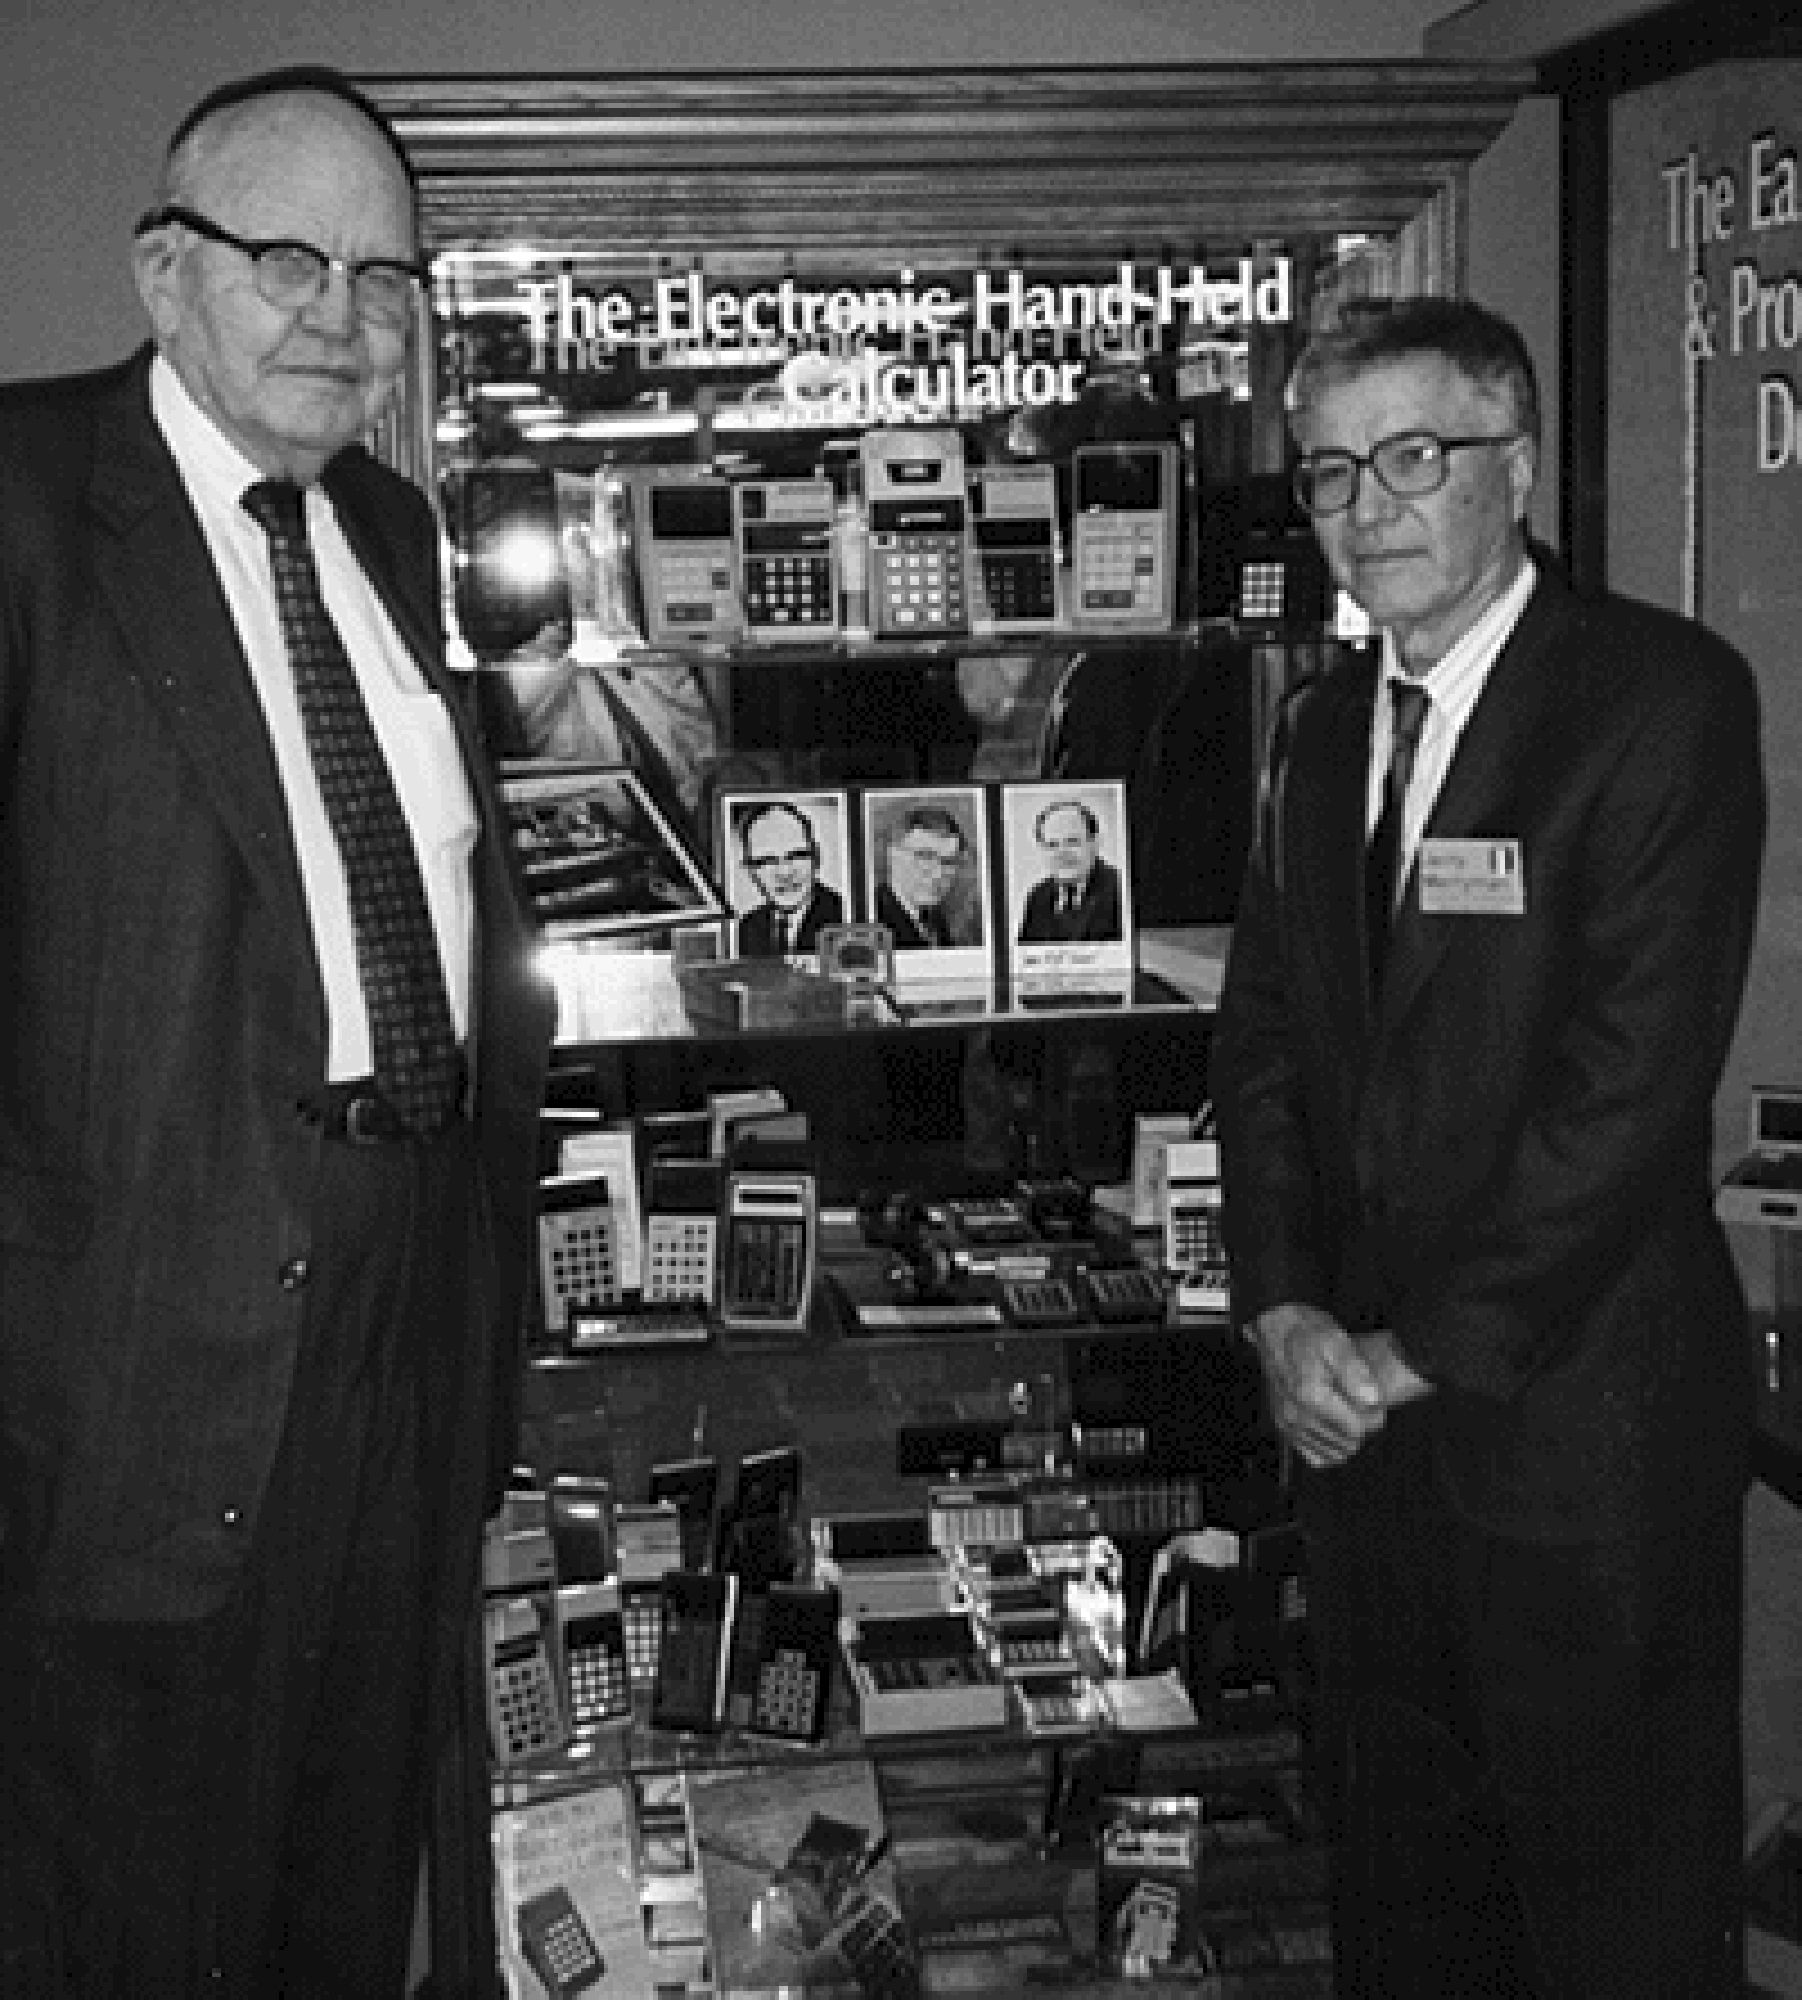 Нобеловият лауреат за физика Джак Килби и Джери Мериман в Американския компютърен музей през 1997 г.